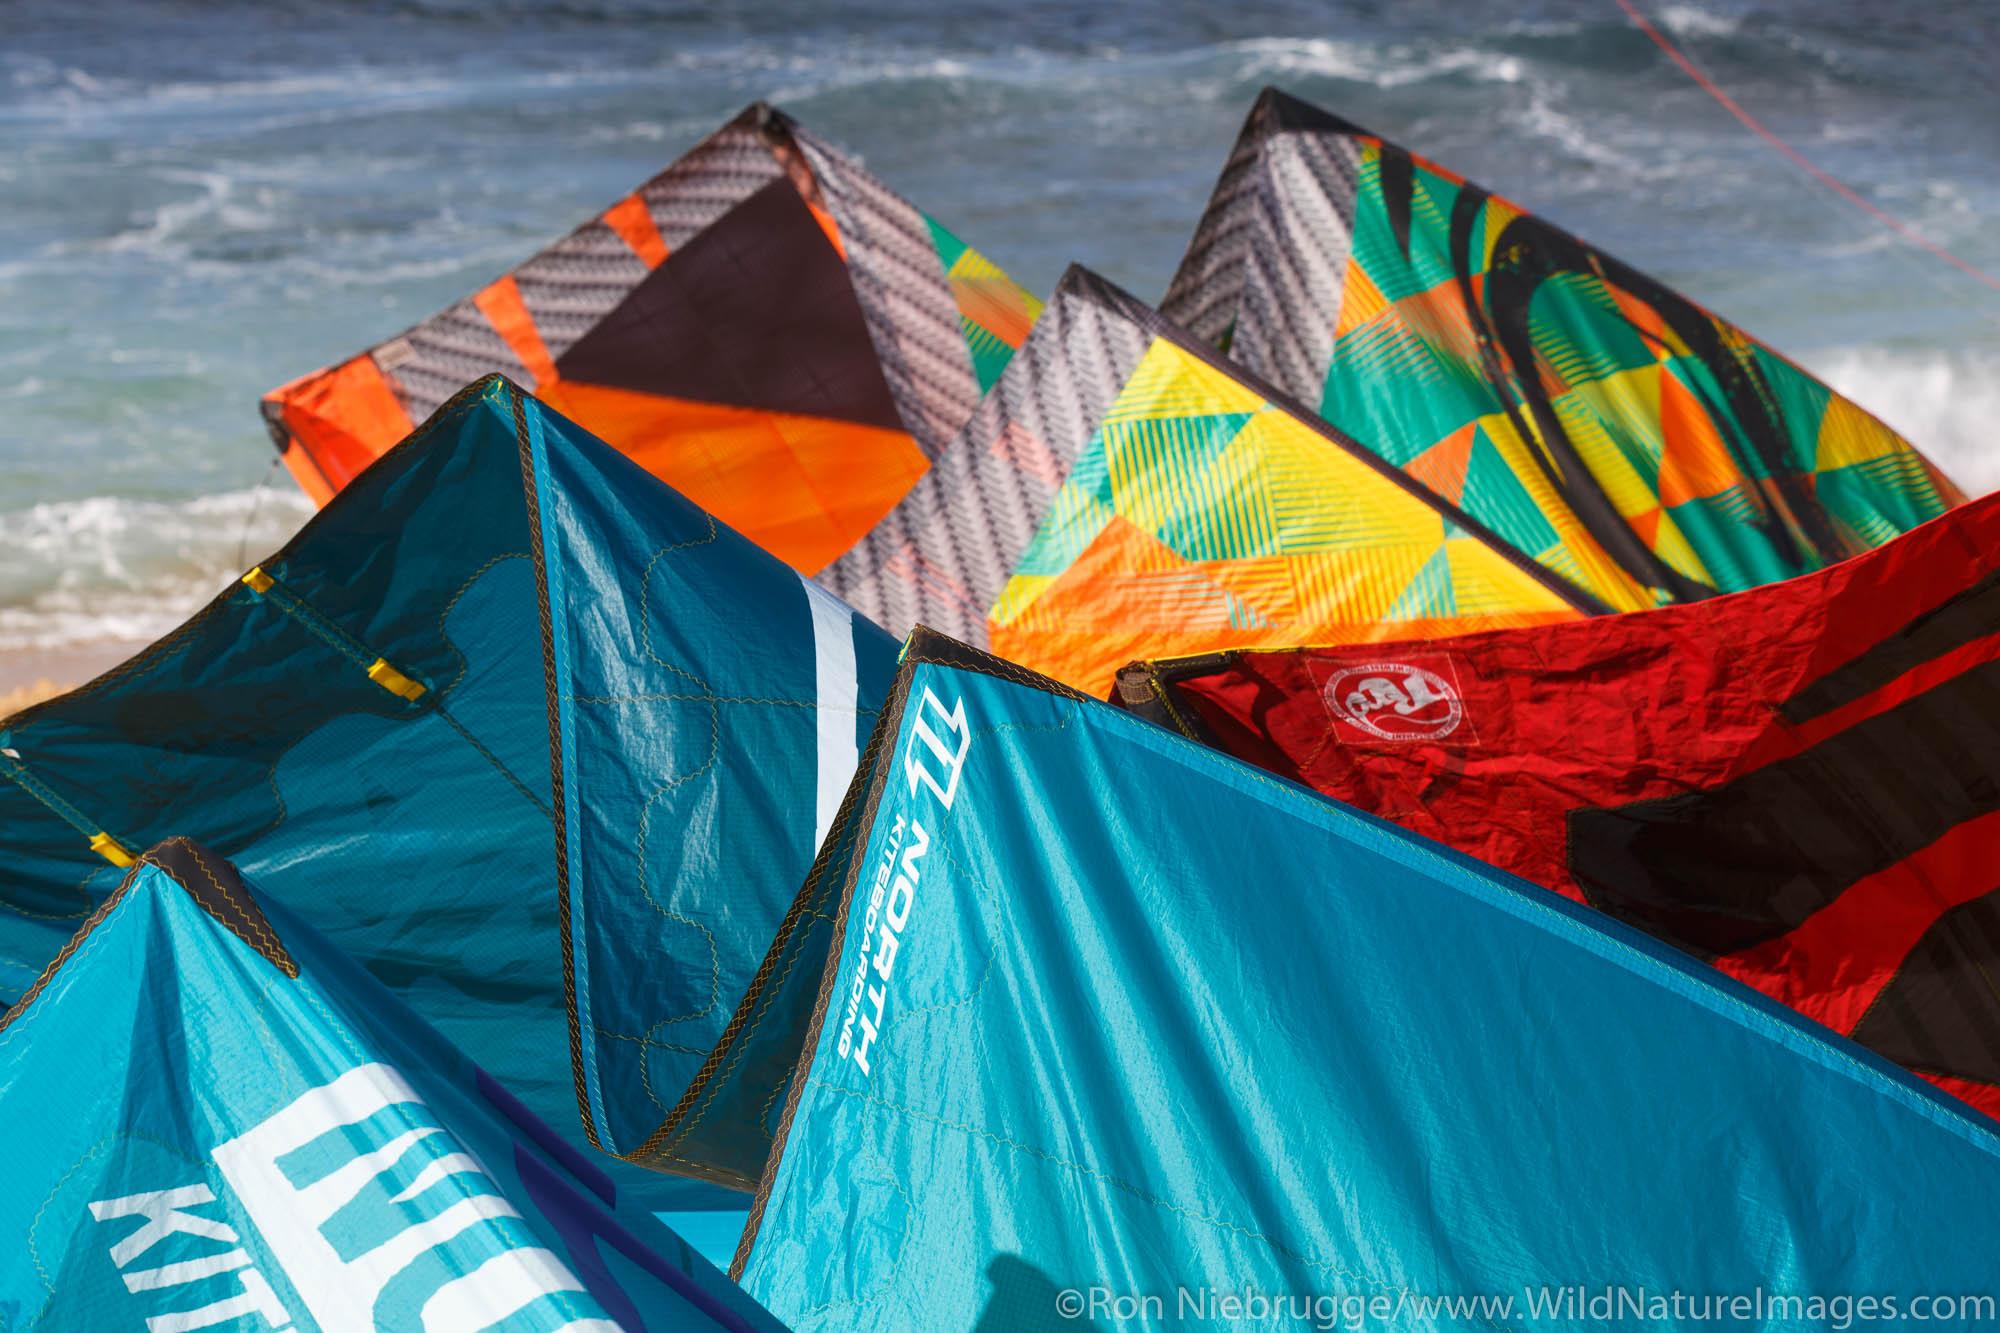 2013 Kite Surf Pro World Championships held nearby at Ho'okipa Beach, Maui, Hawaii.